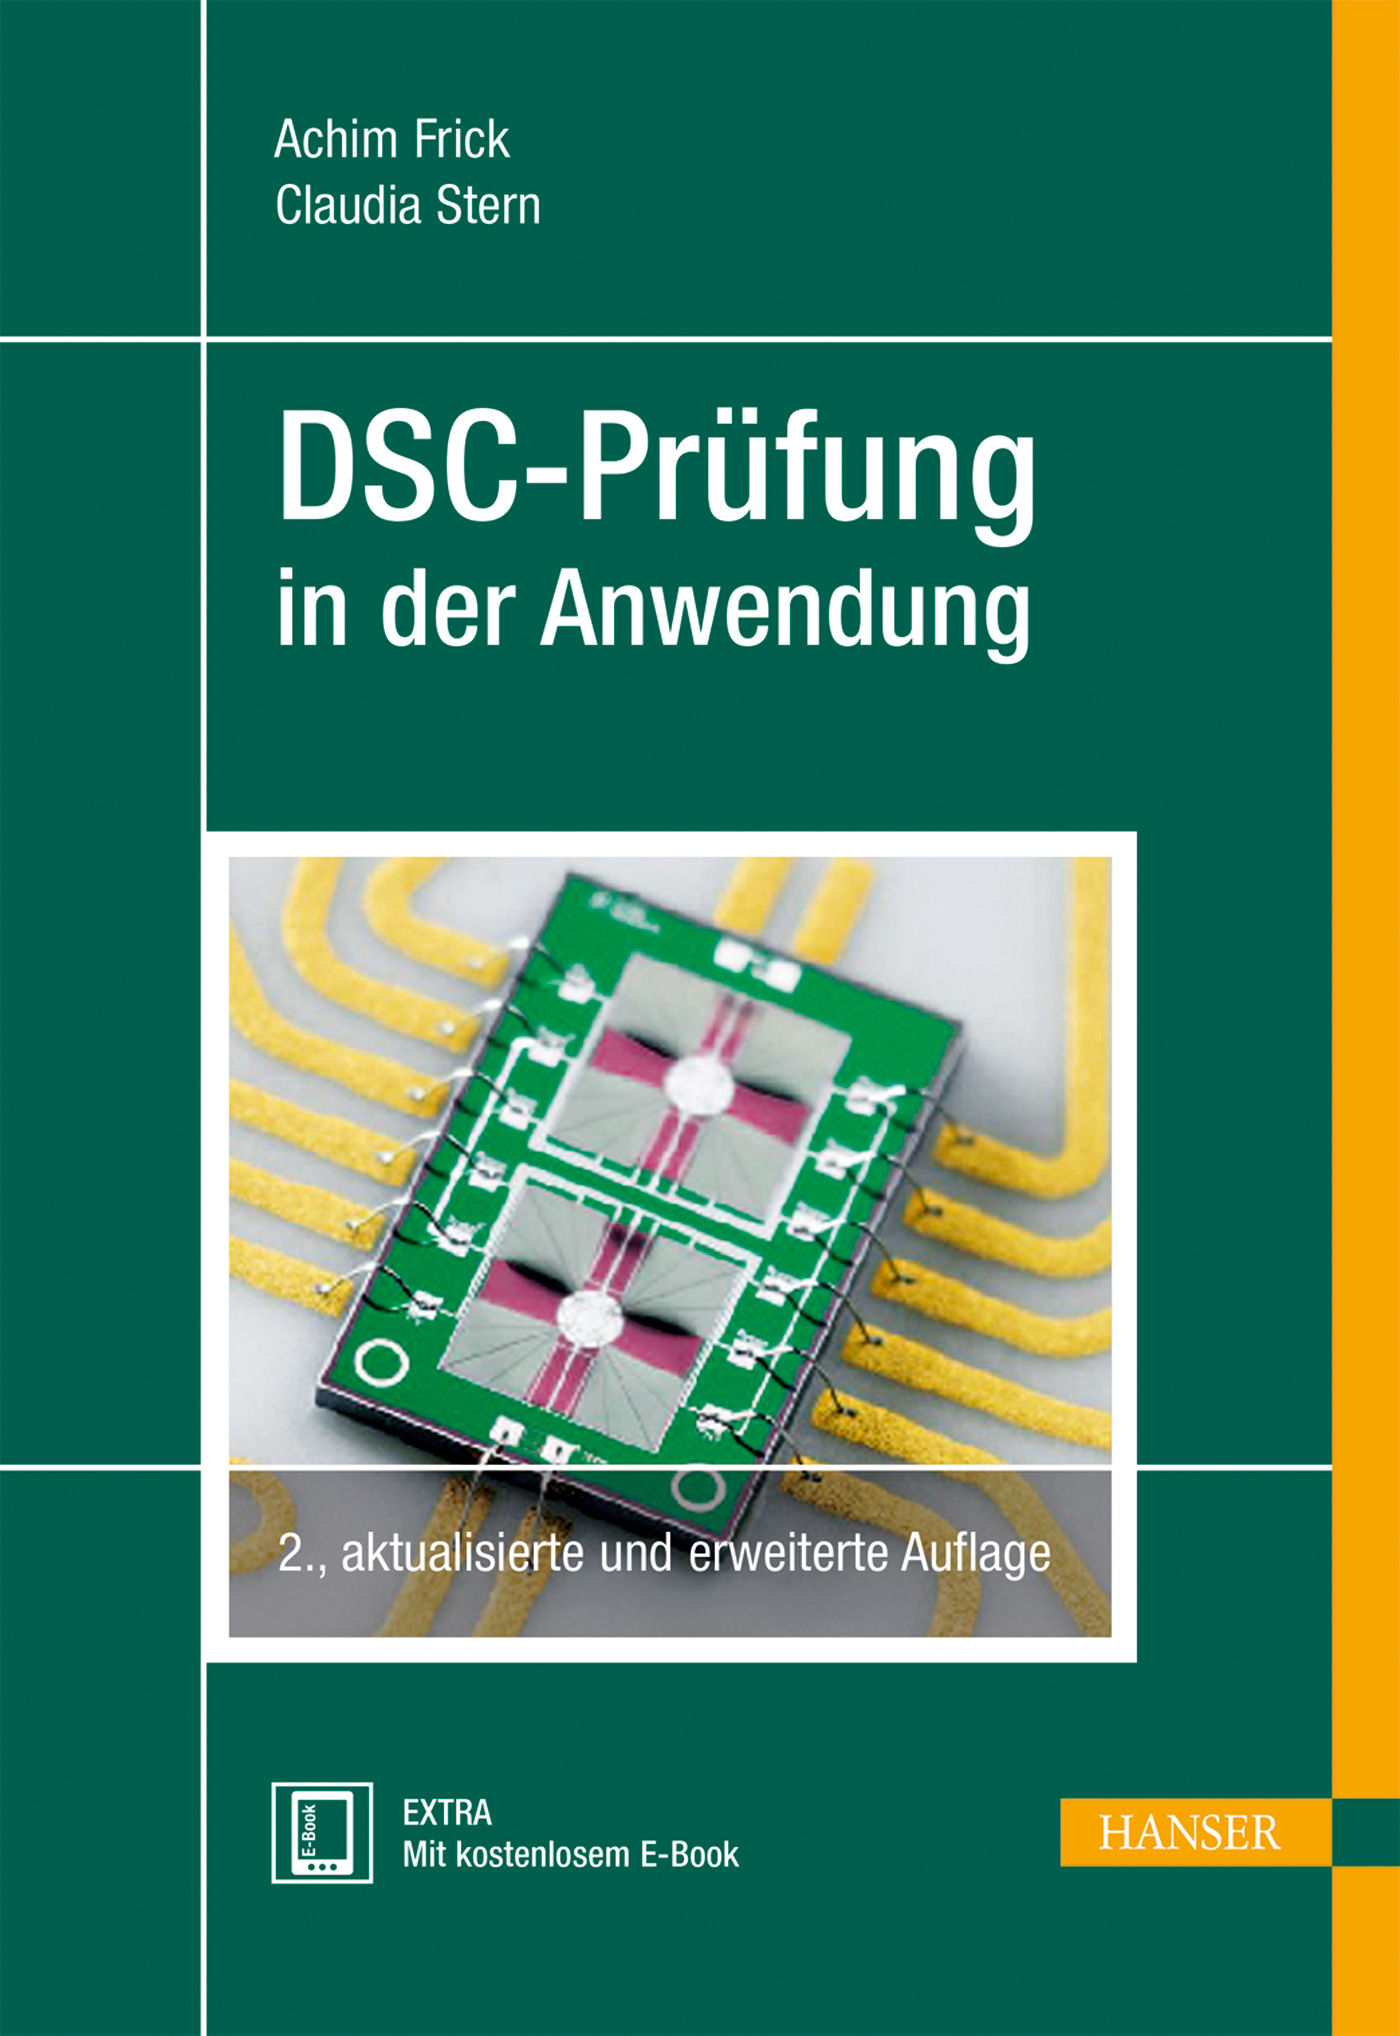 Frick, Stern, DSC-Prüfung in der Anwendung, 978-3-446-43690-9